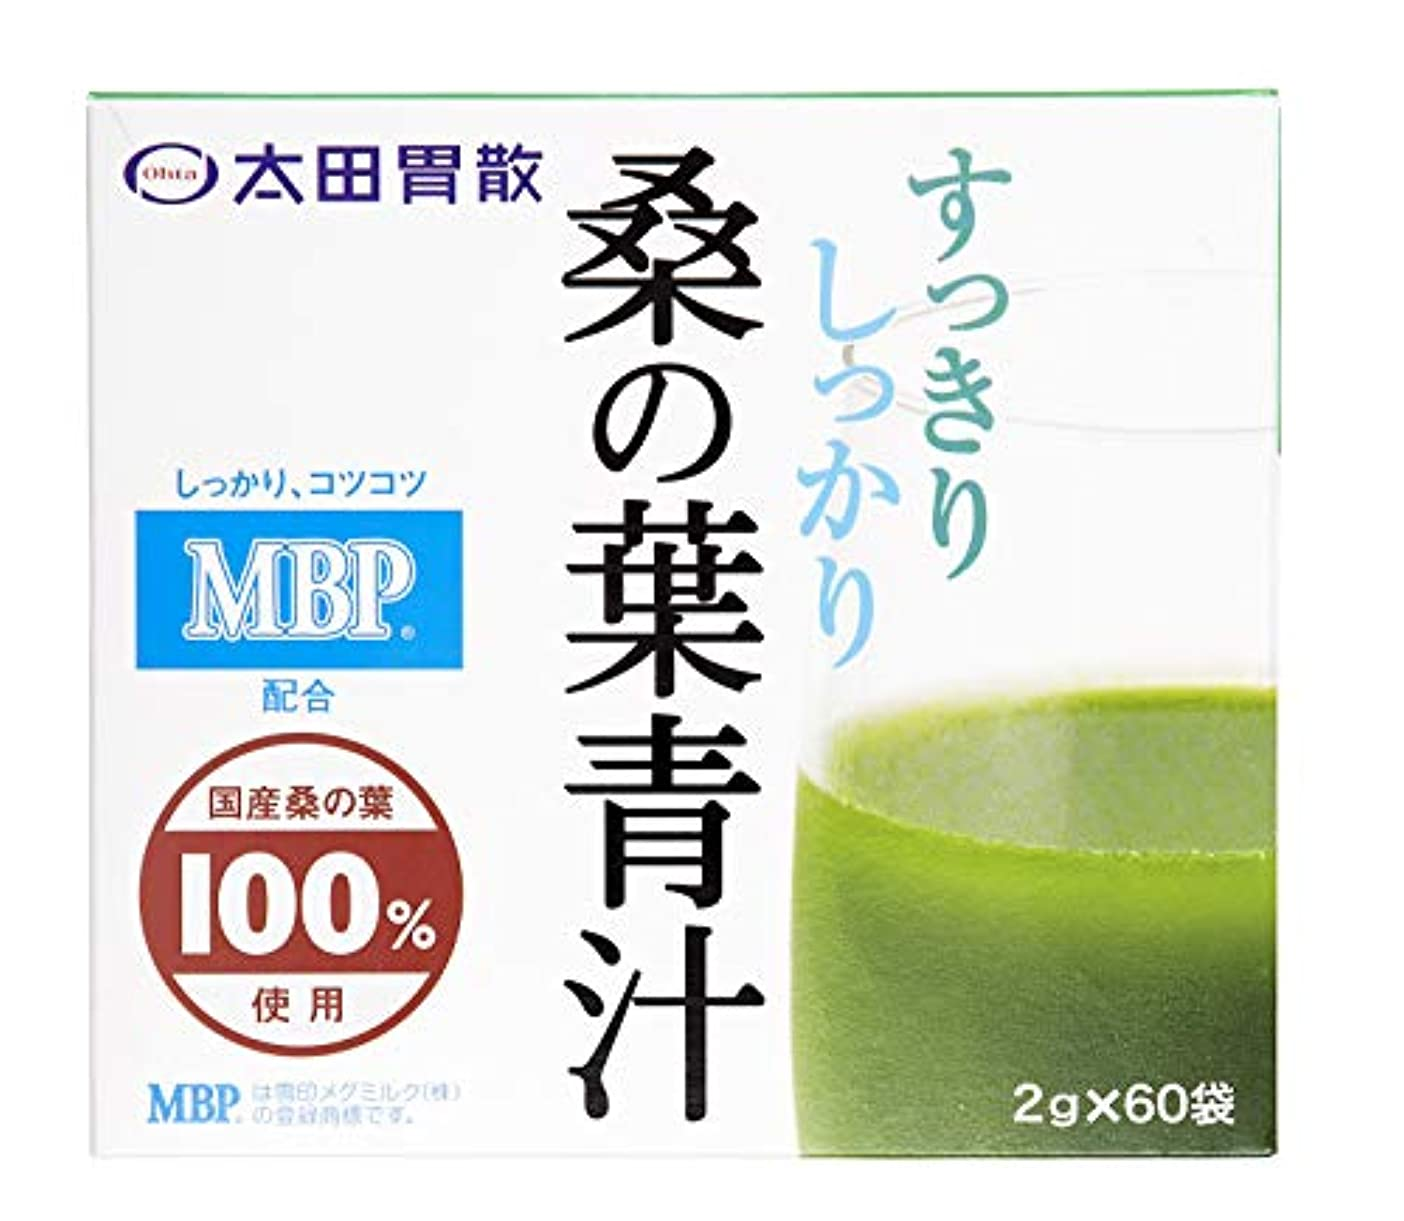 業界バルク視力太田胃散 桑の葉青汁 60袋入り(2g×60袋)